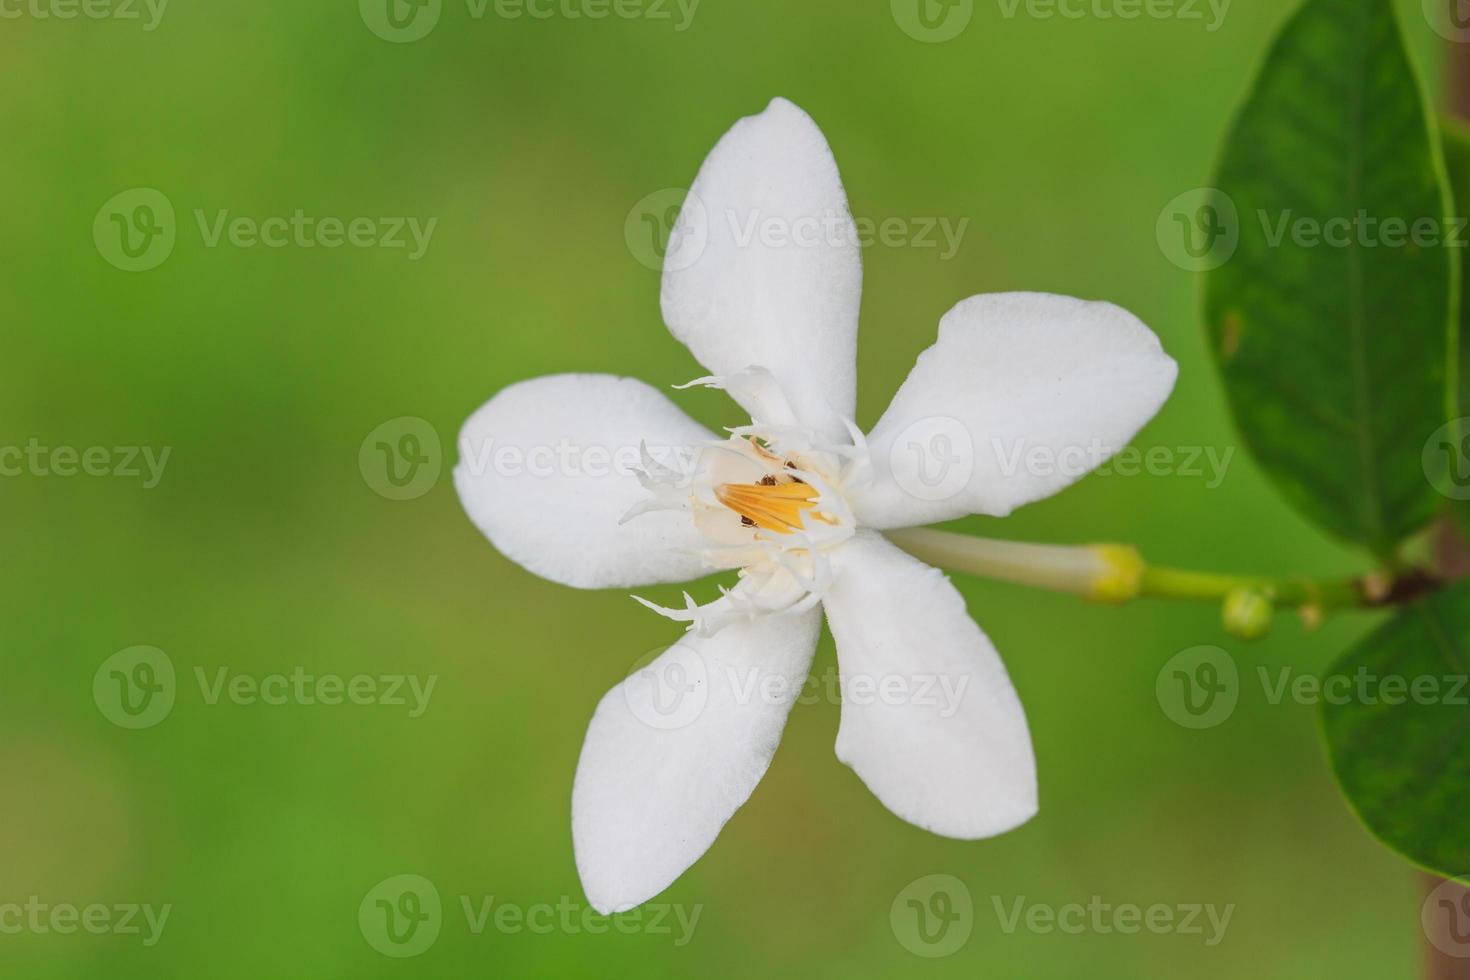 fiore di gardenia foto